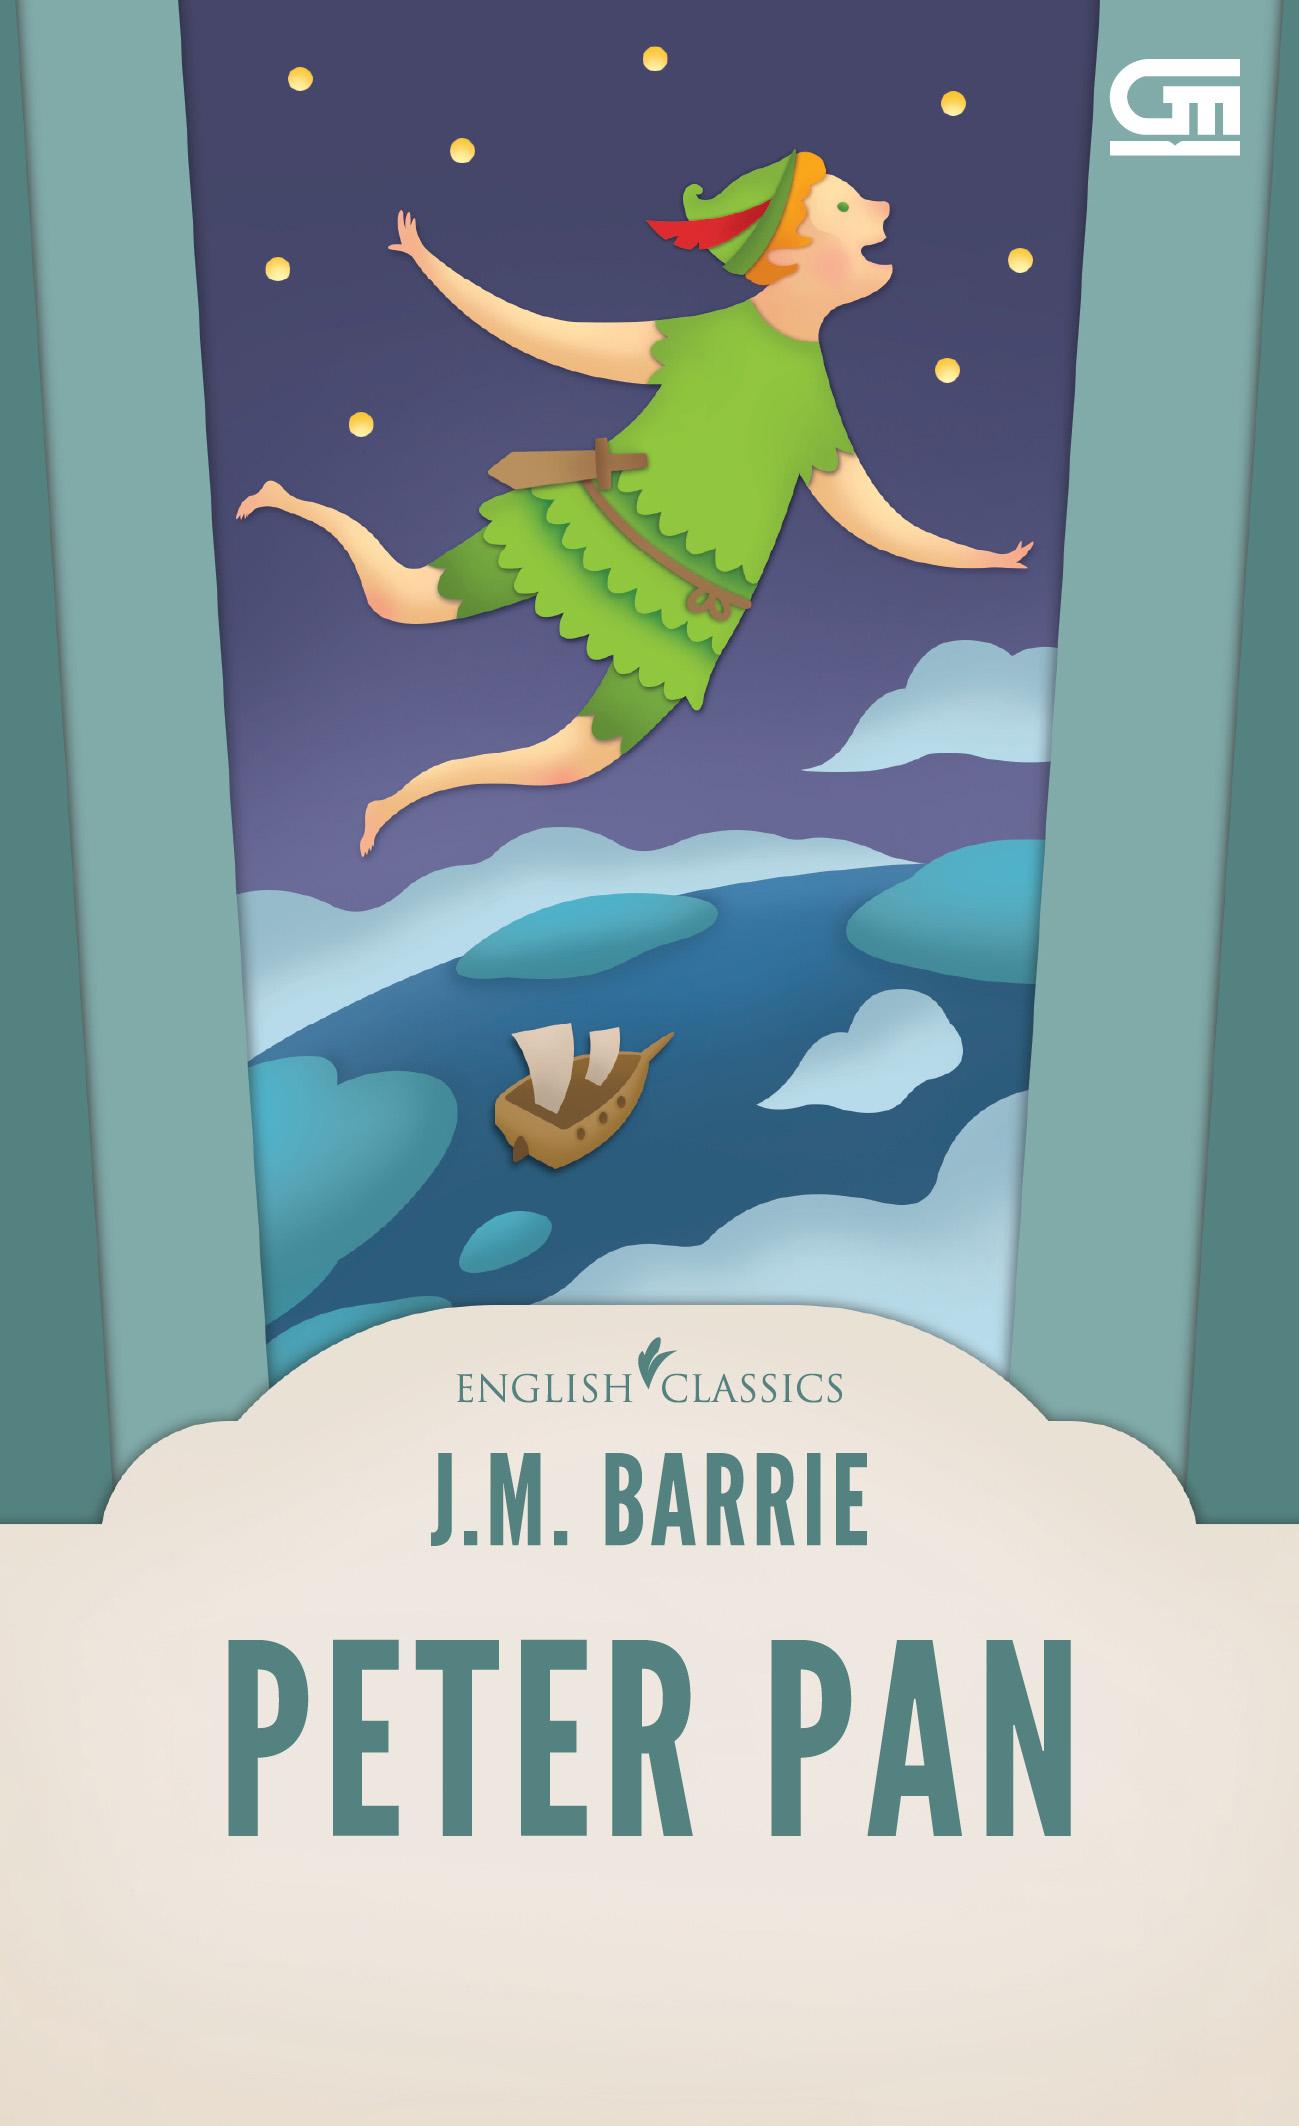 English Classics: Peter Pan